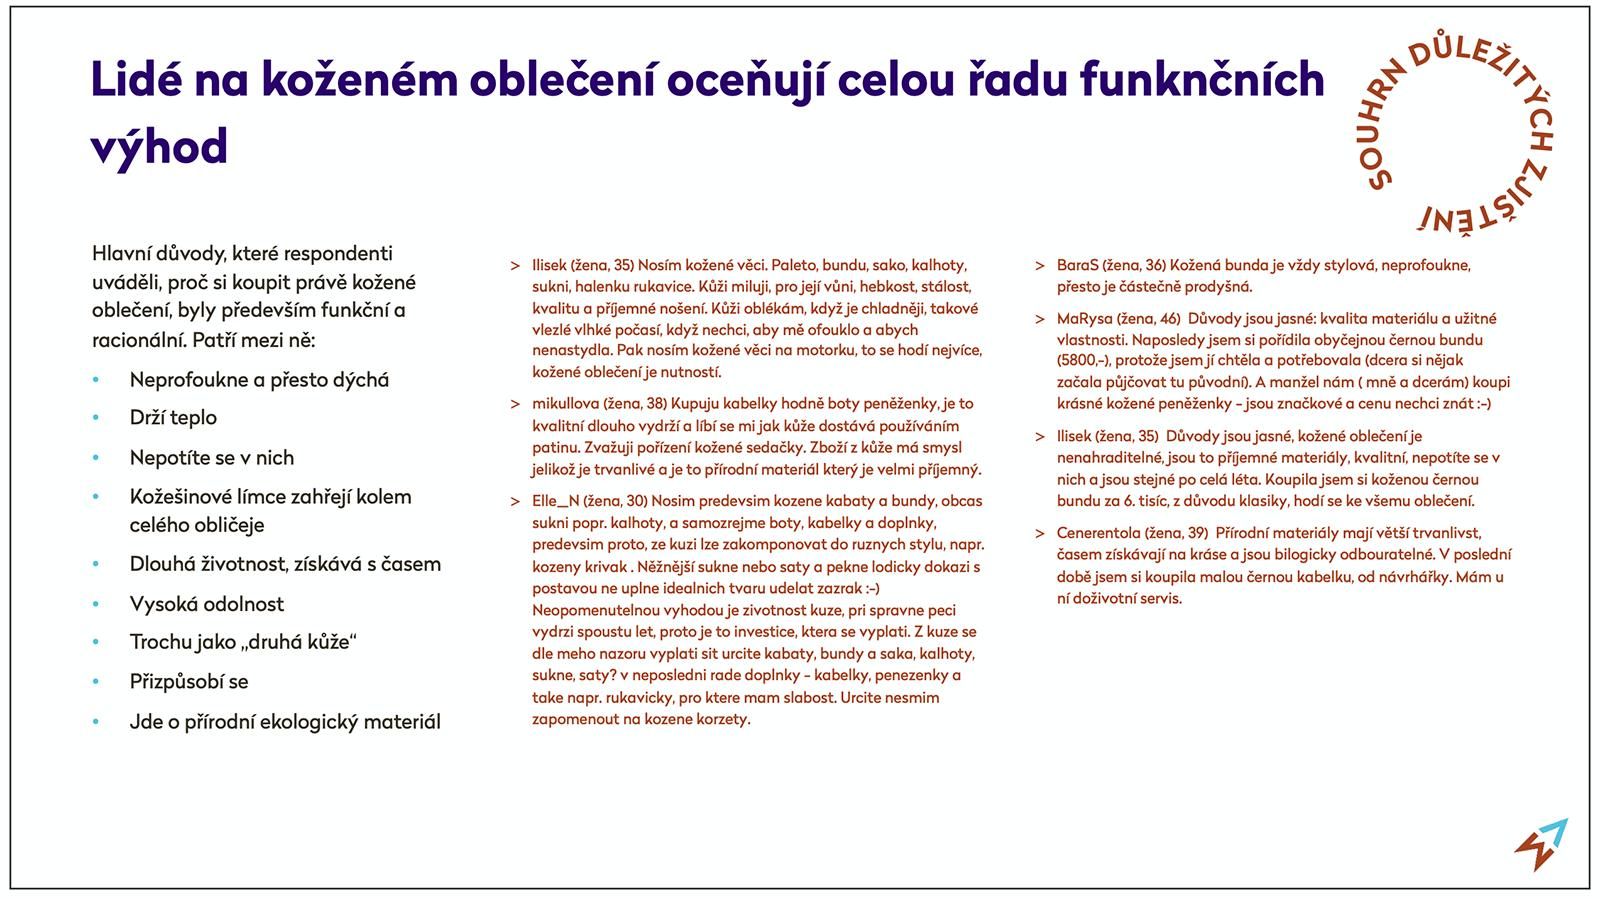 Ukázka jednoho zjištění z diskuze o kožené módě.